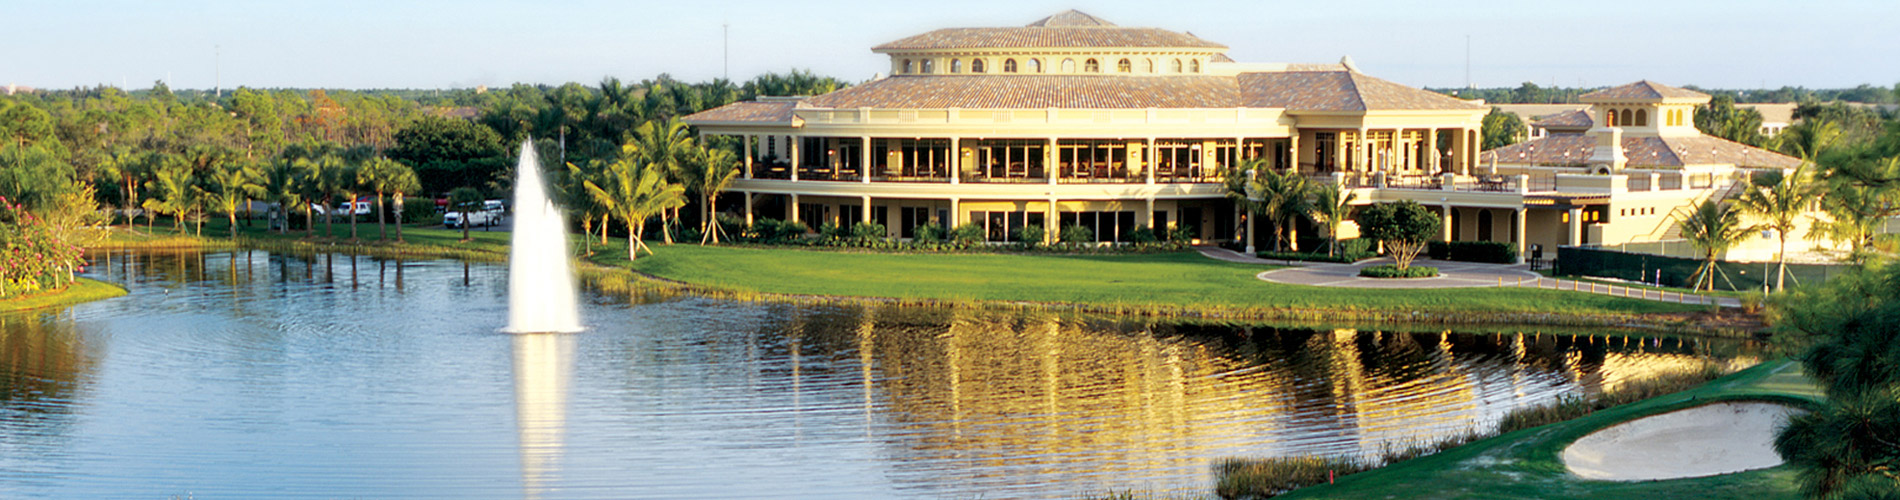 Club Schloss 145